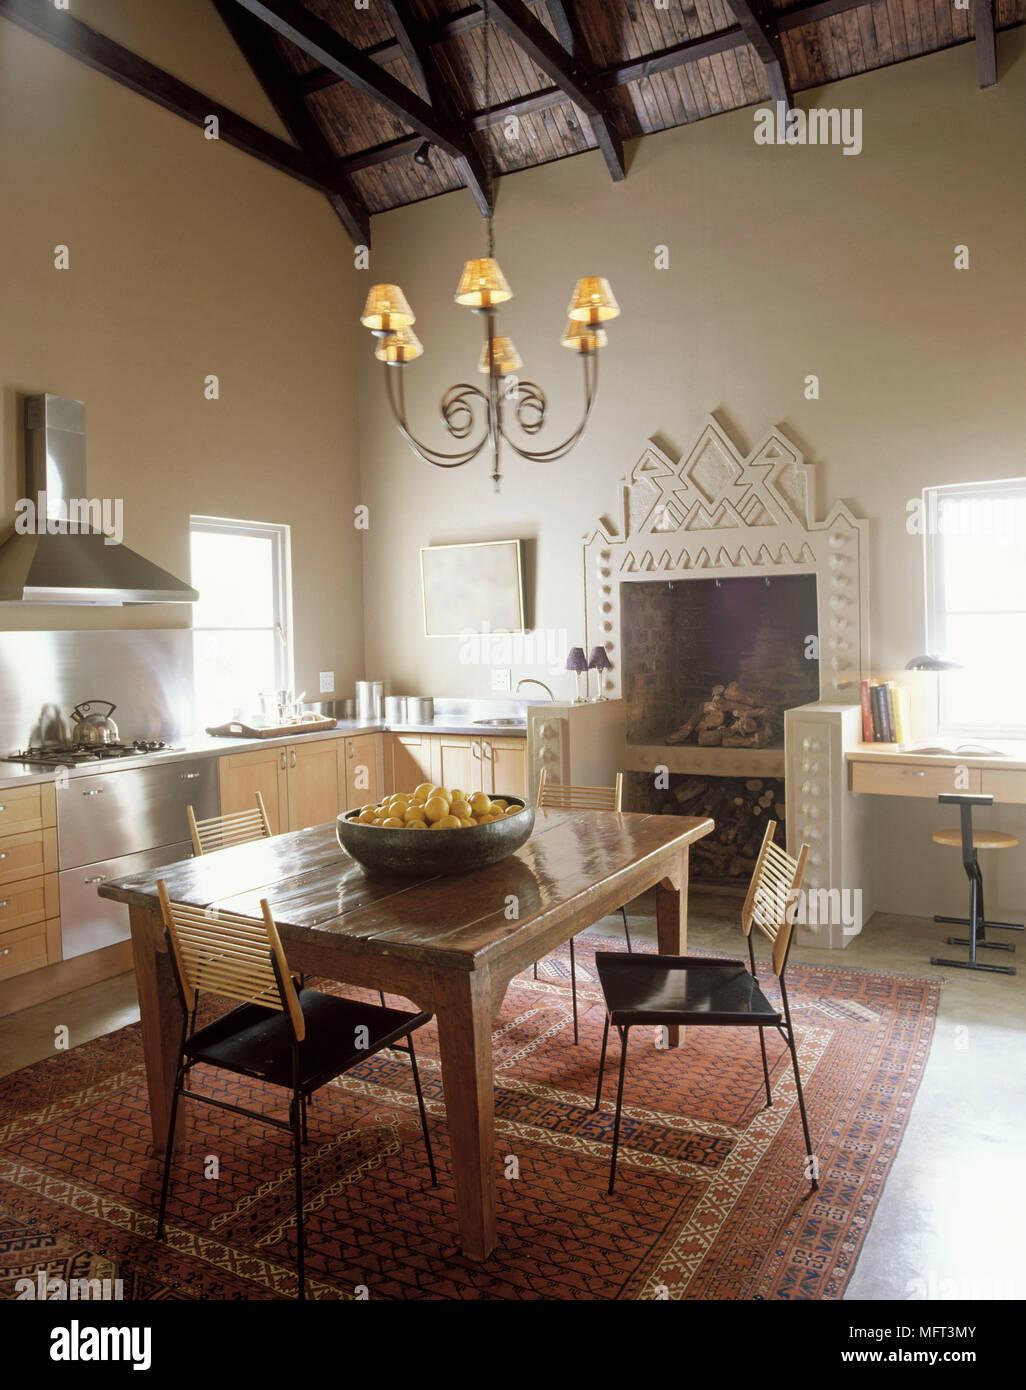 Cucina di paese unità legno tavolo da pranzo sedie rug ...